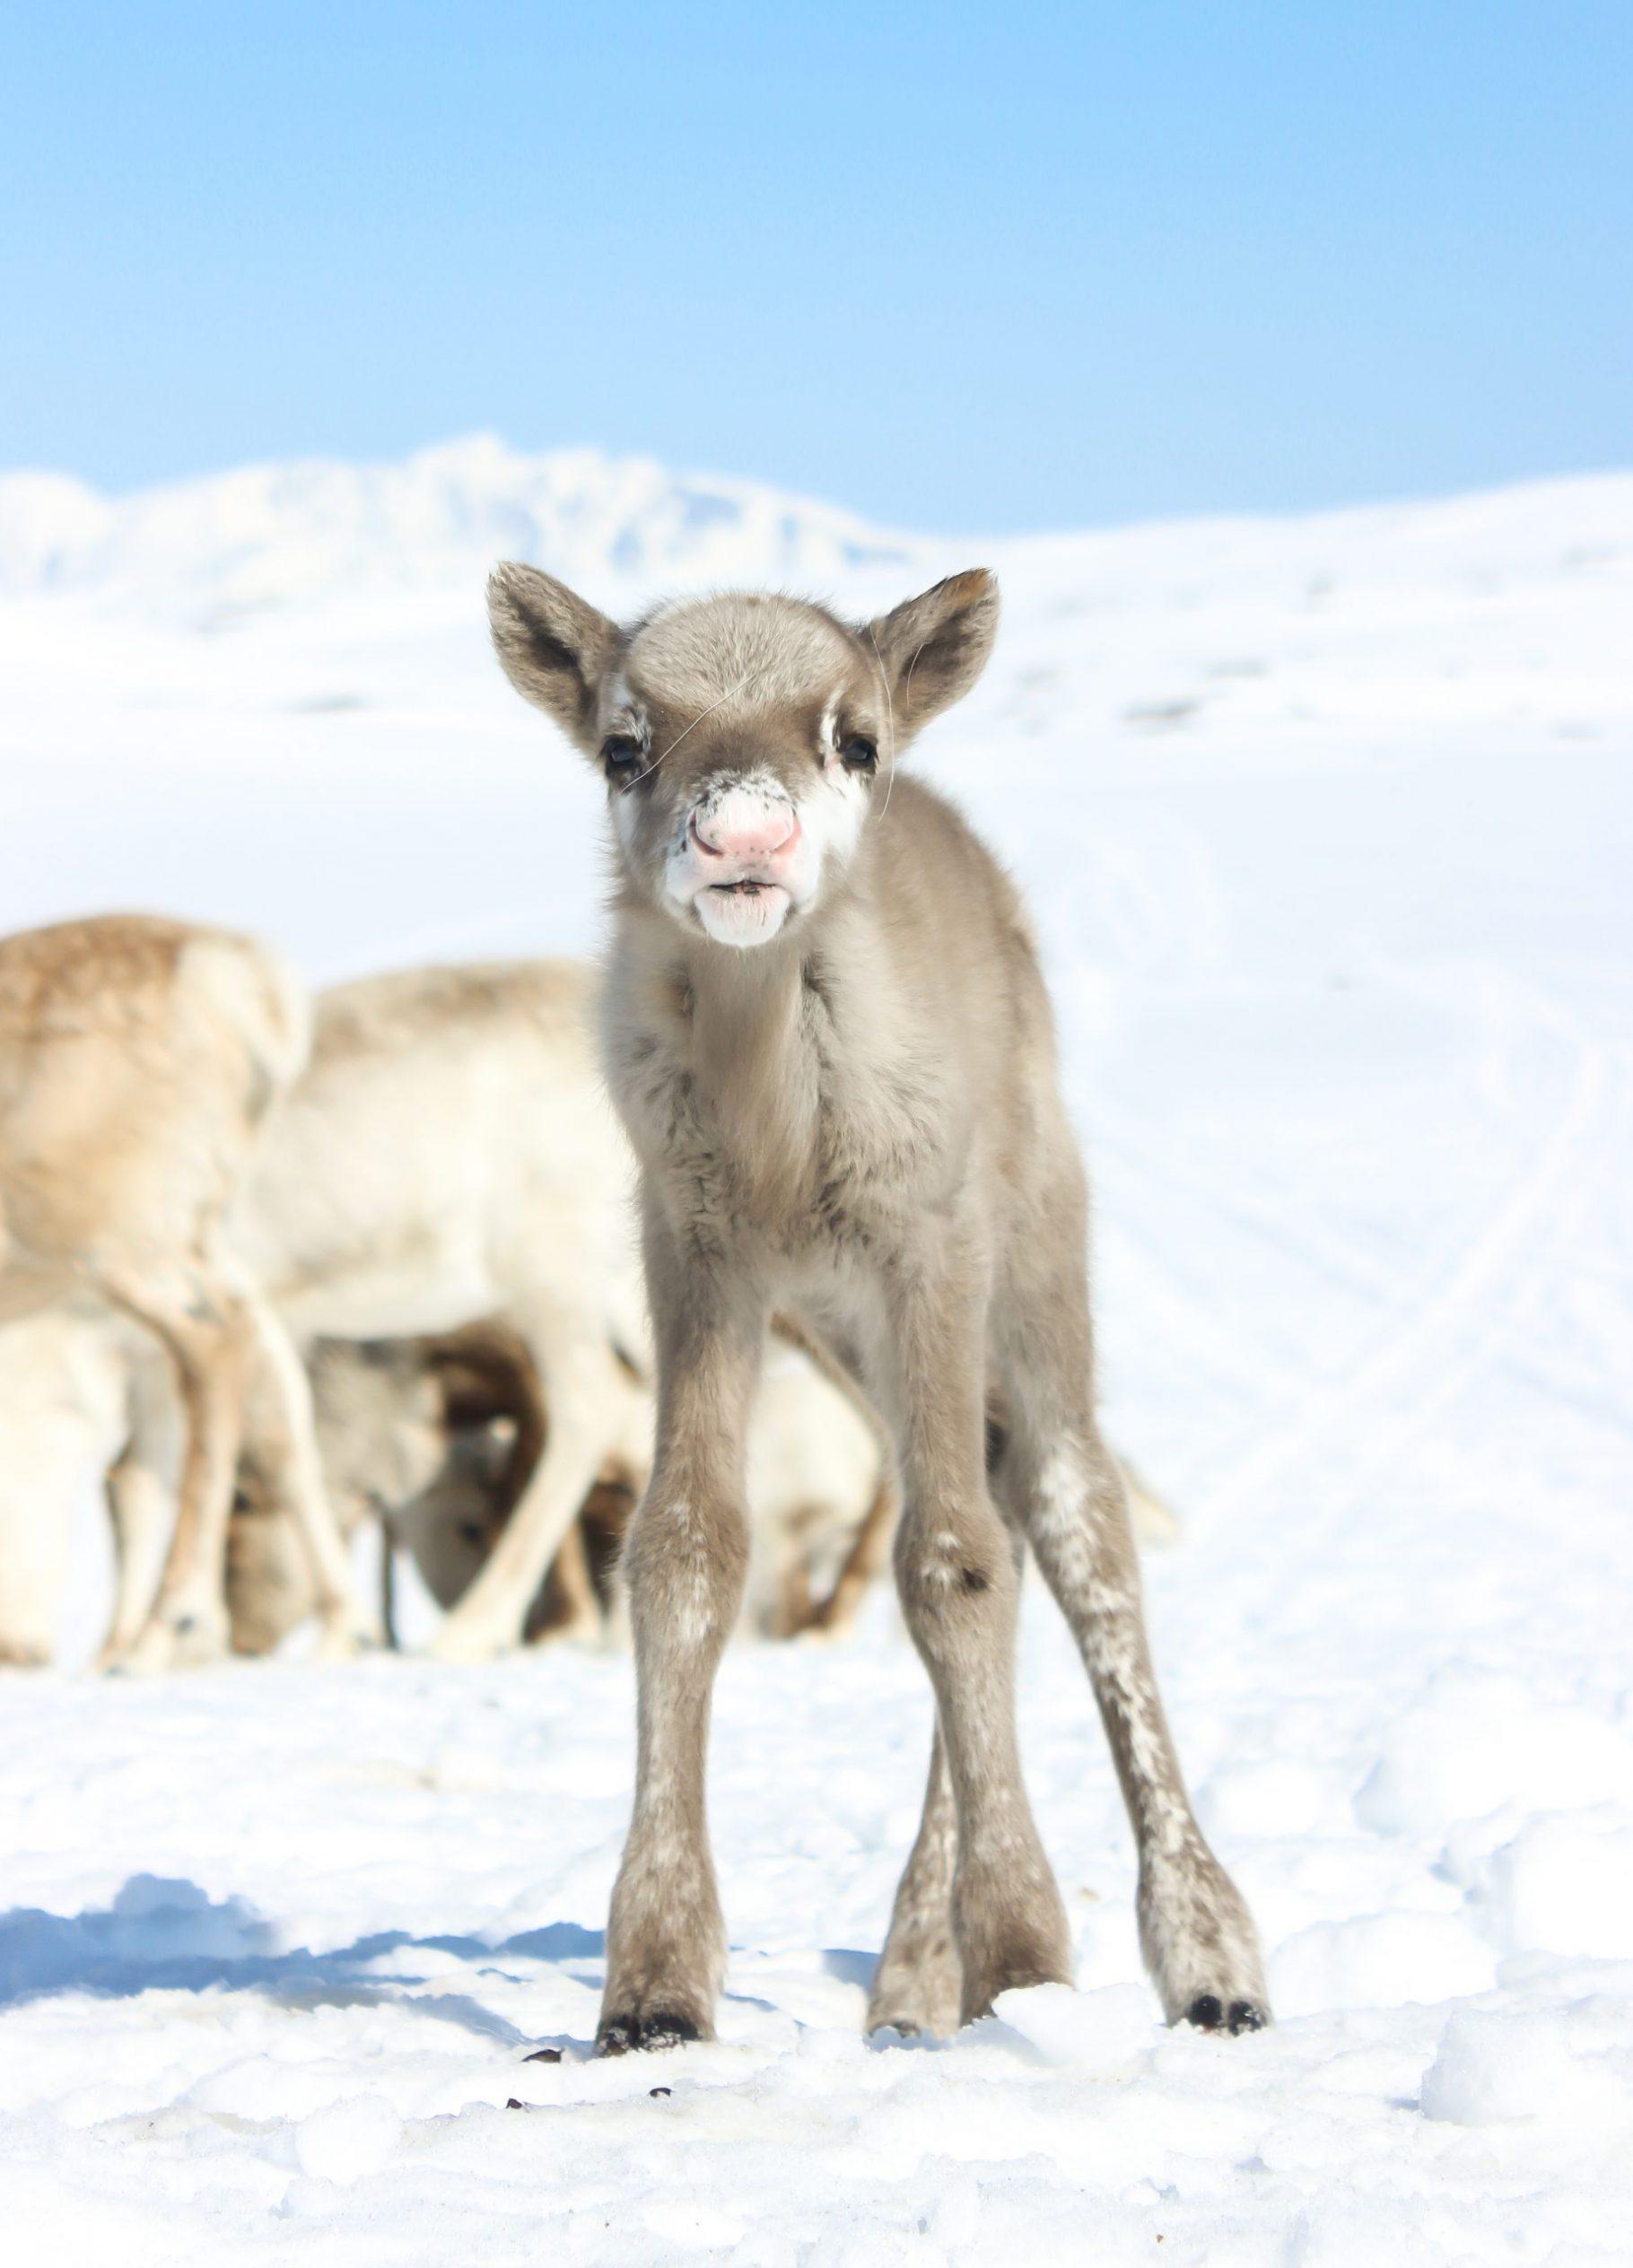 baby reindeer standing in the snow